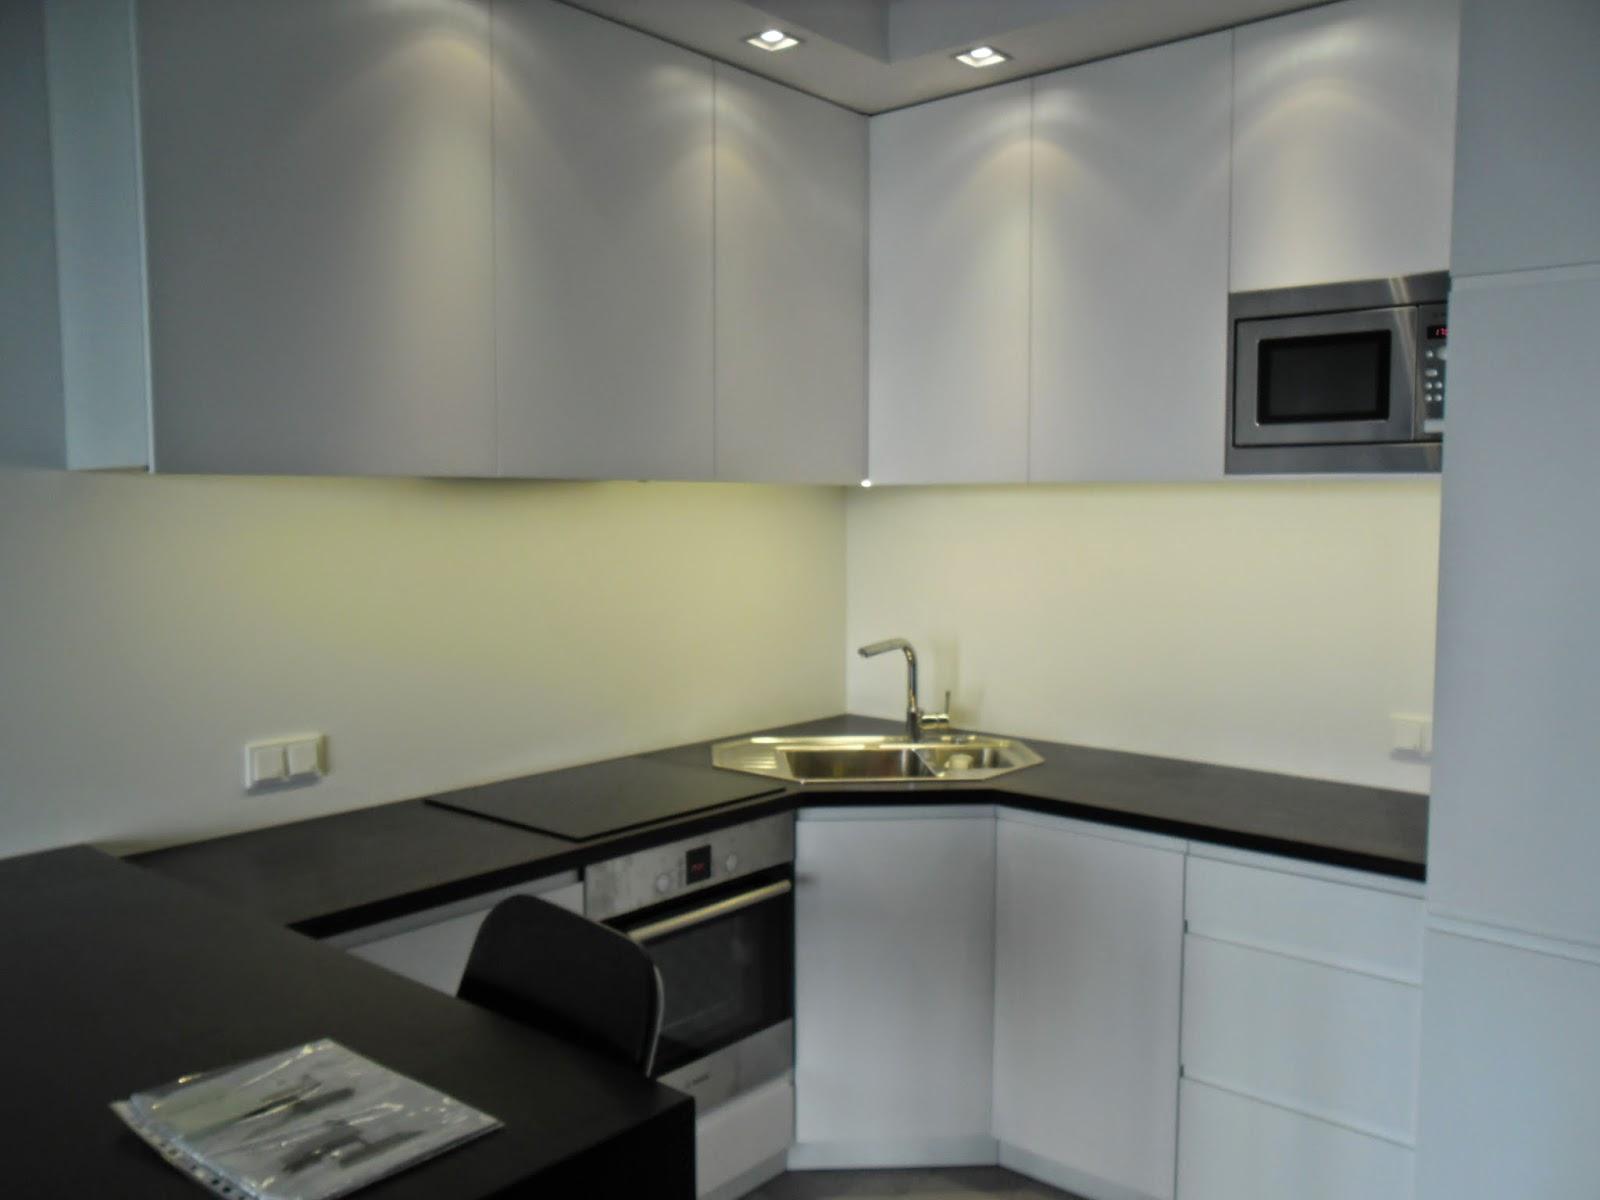 Kuchnia w bloku  biała, funkcjonalna i pojemna  Blog o   -> Mala Kuchnia Z Narożnym Zlewem